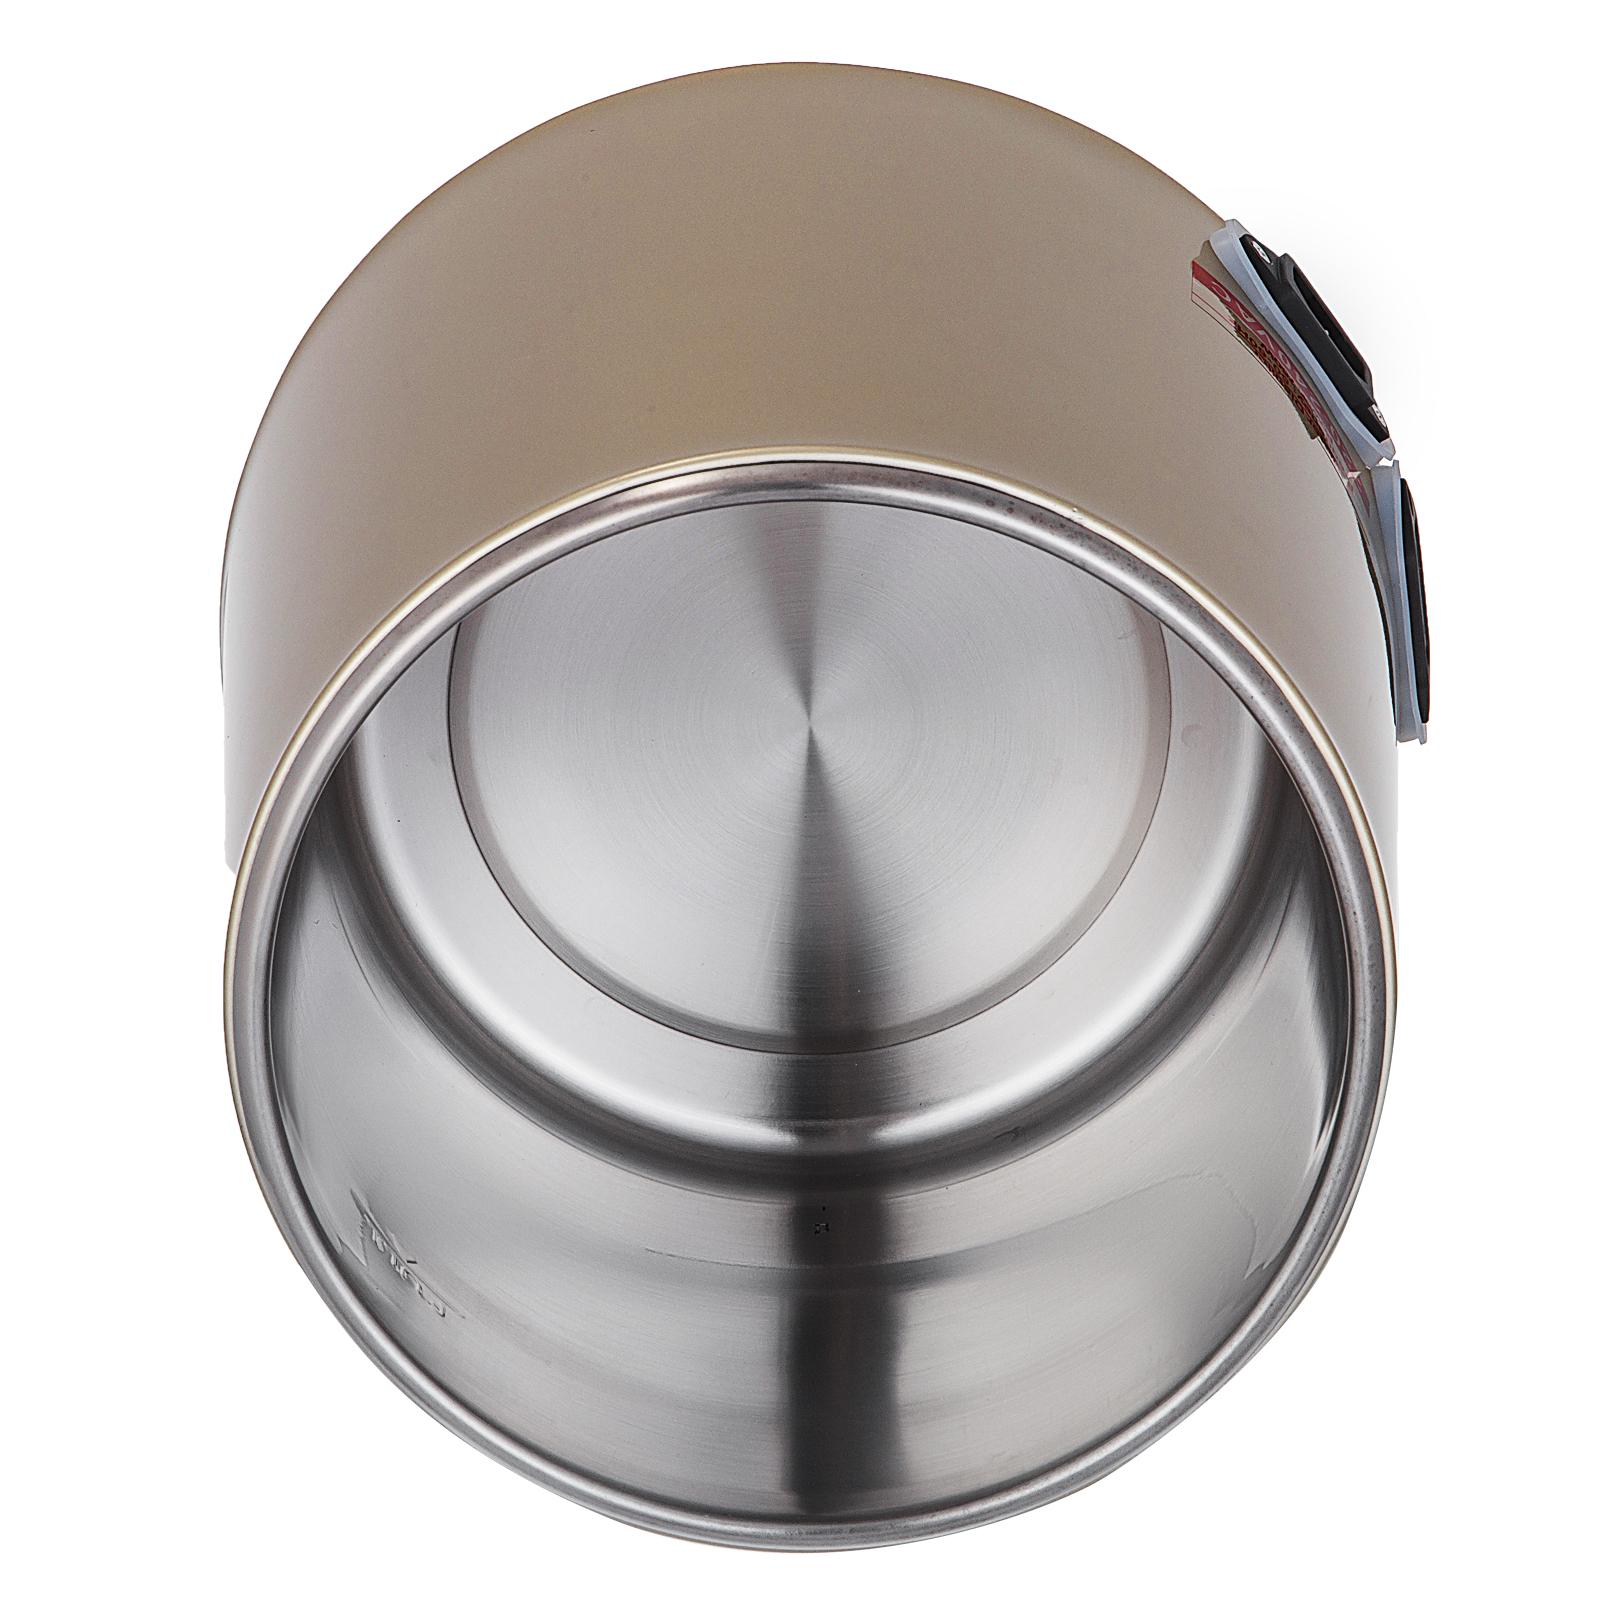 750W-4L-Wasser-Destilliergeraet-Water-Distiller-Einmachglas-Wasserflasche-Zuhause Indexbild 41